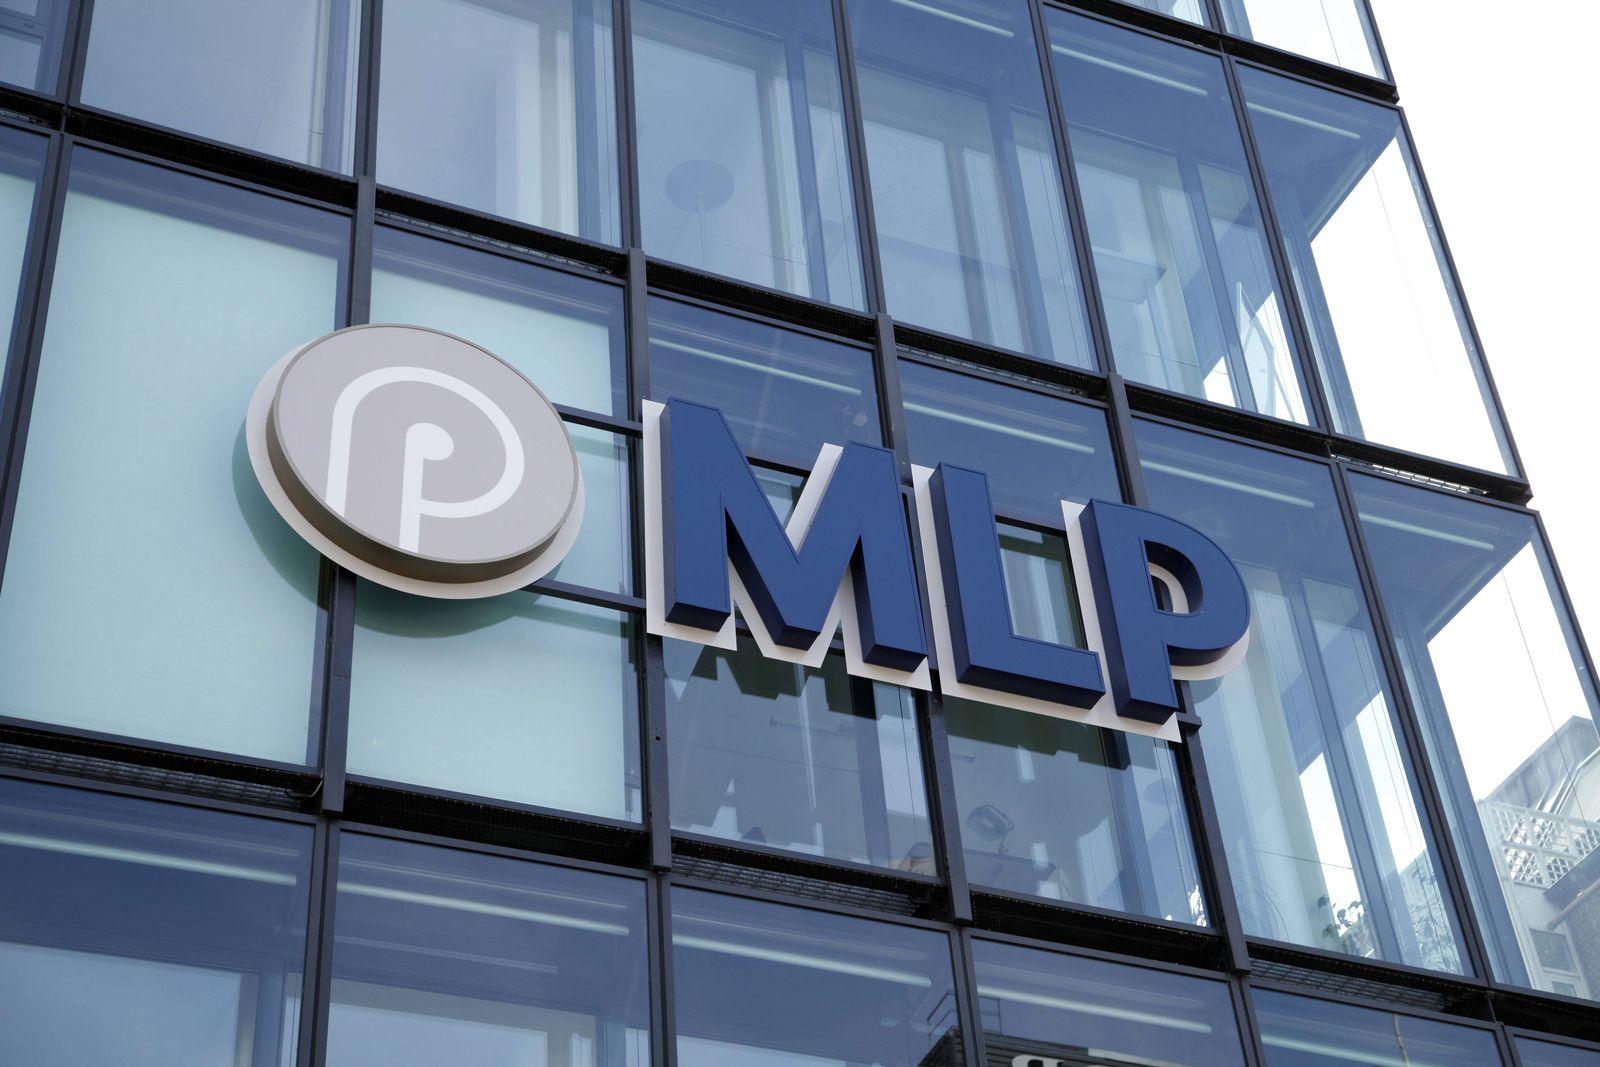 MLP Finanzdienstleistungen Logo in Hamburg MLP Finanzdienstleistungen Logo in Hamburg